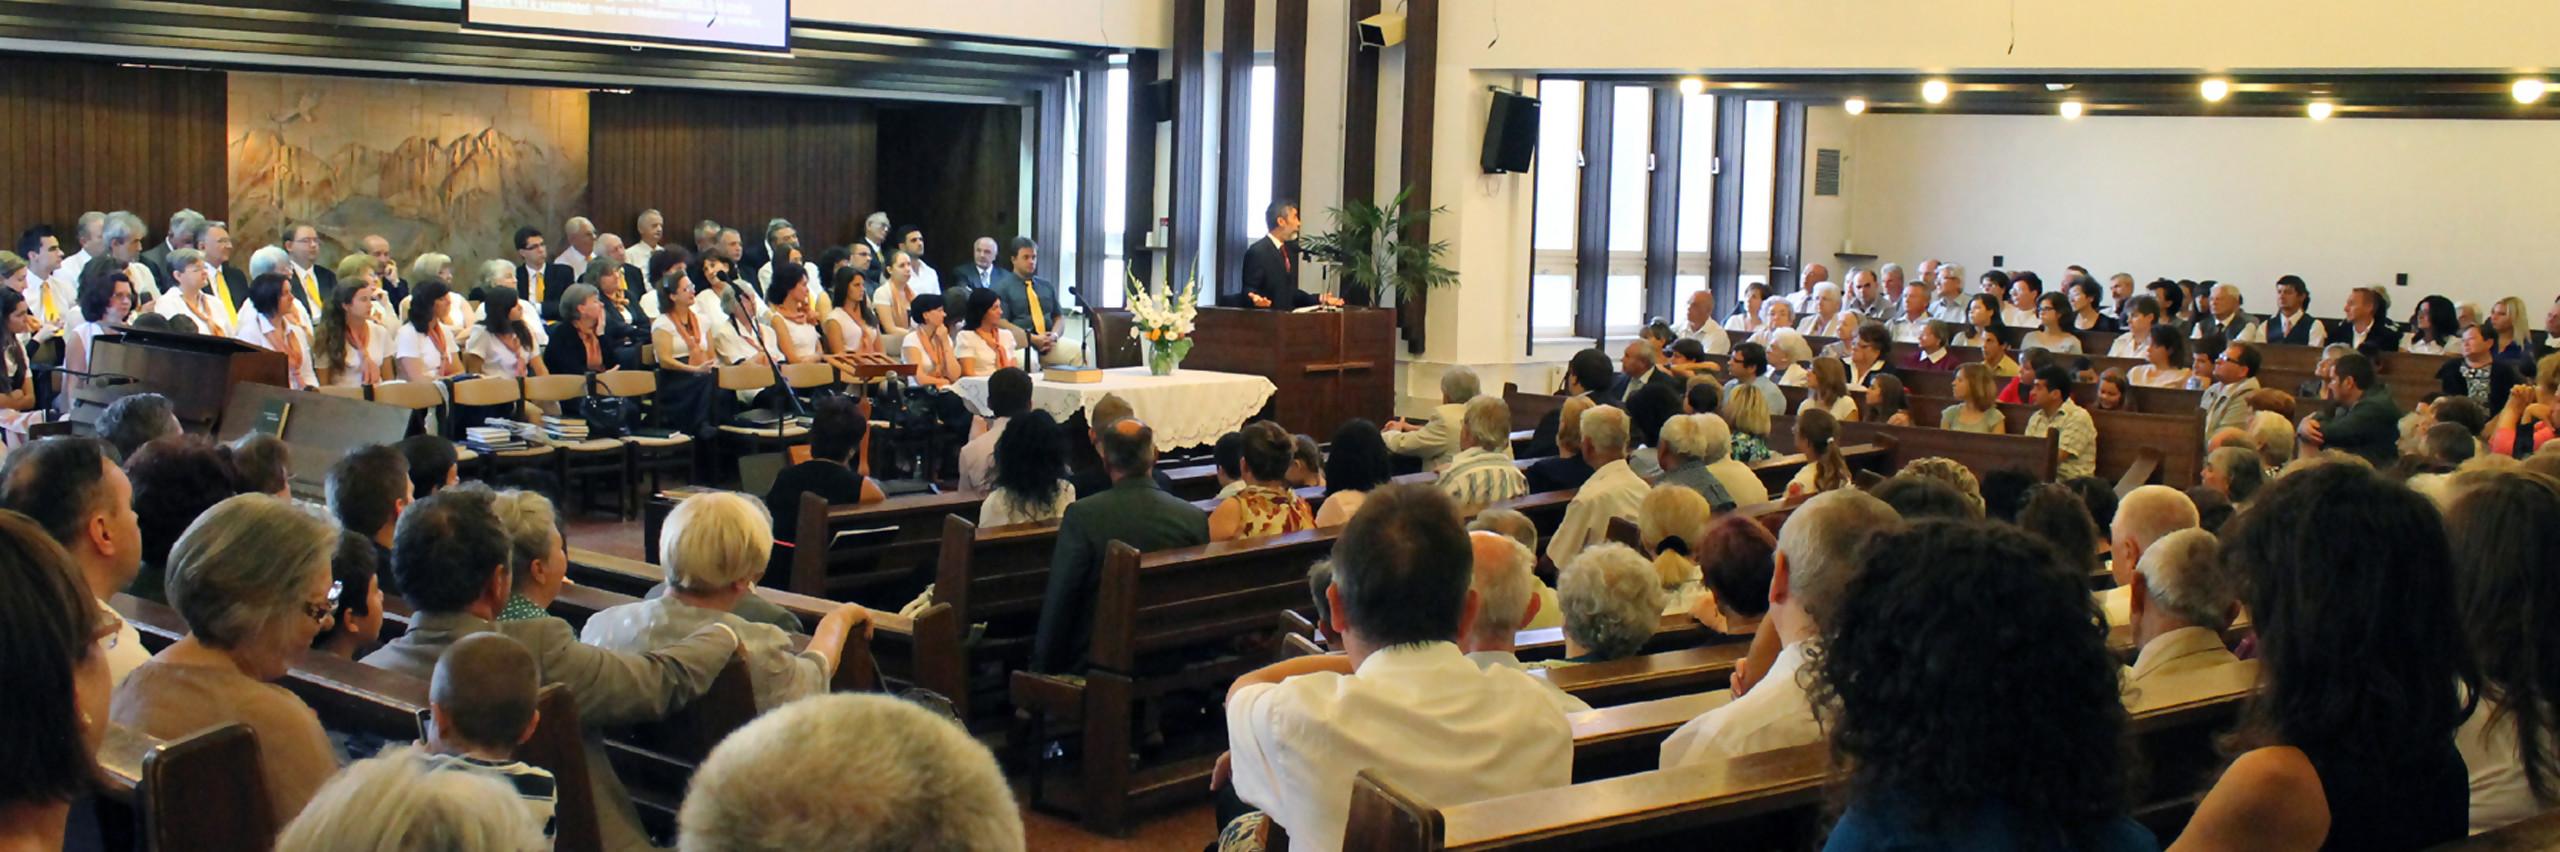 Debreceni Baptista Gyülekezet